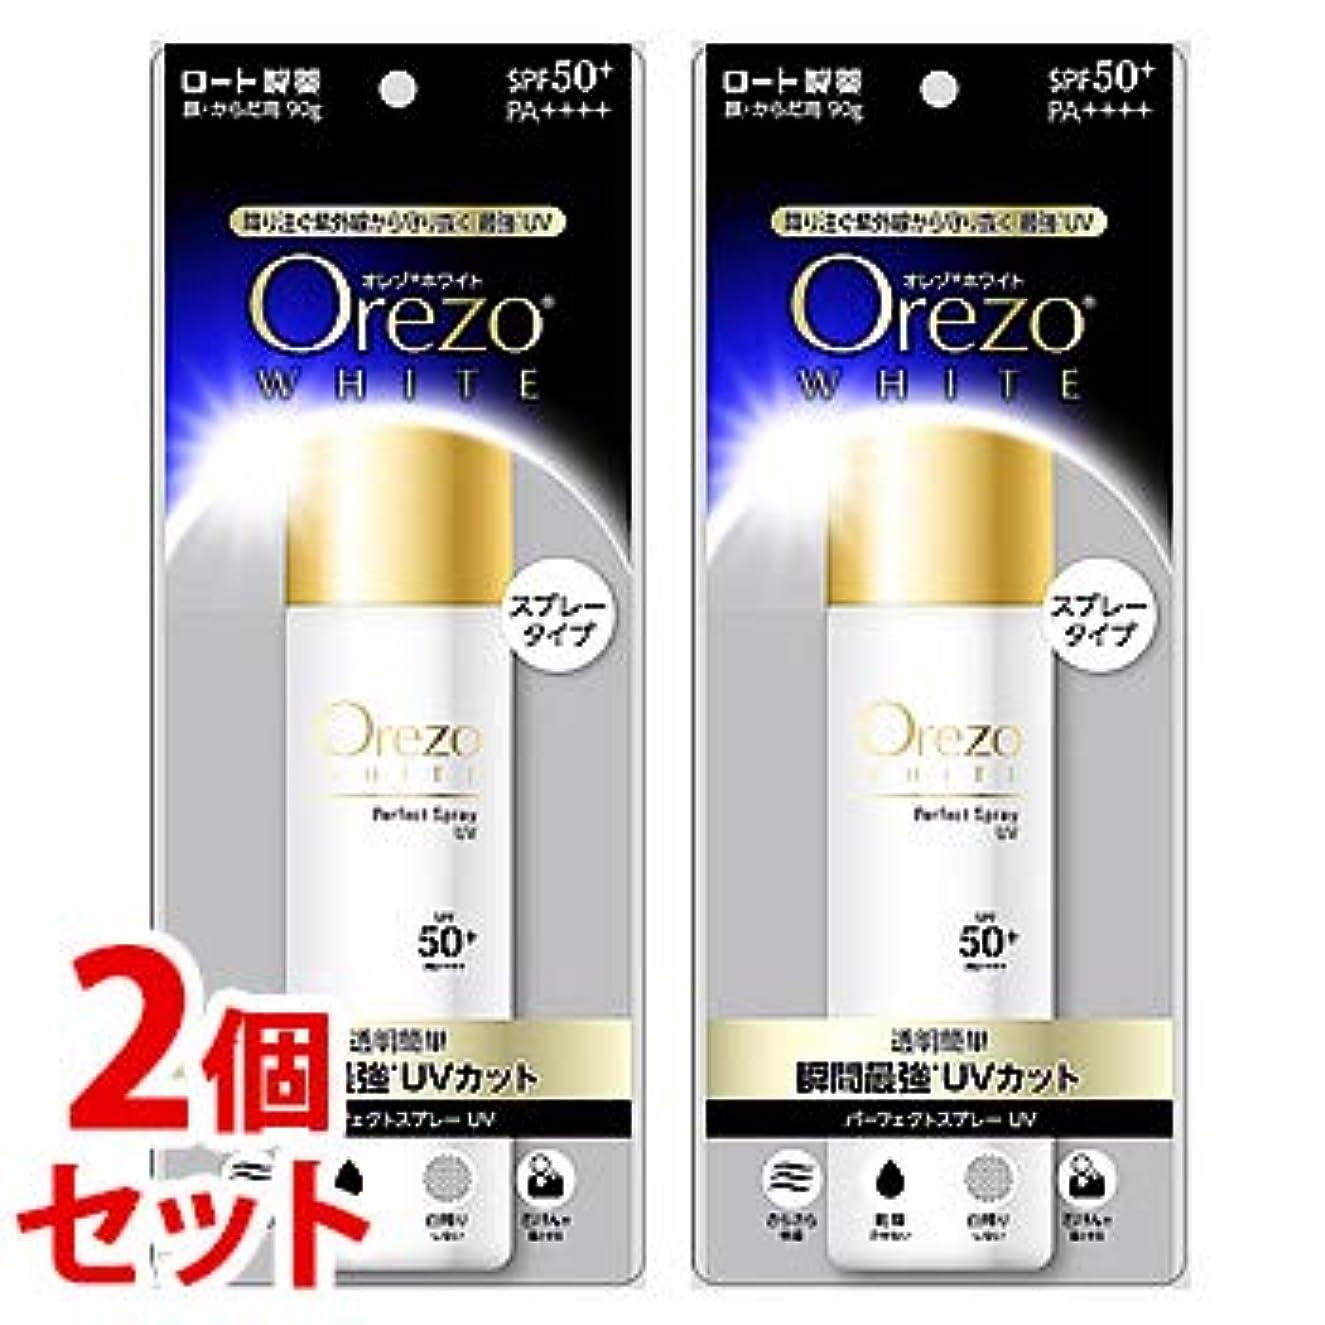 絶滅した熱狂的な手を差し伸べる《セット販売》 ロート製薬 Orezo オレゾ ホワイト パーフェクトスプレーUV SPF50+ PA++++ (90g)×2個セット 顔?からだ用 日やけ止め スプレータイプ